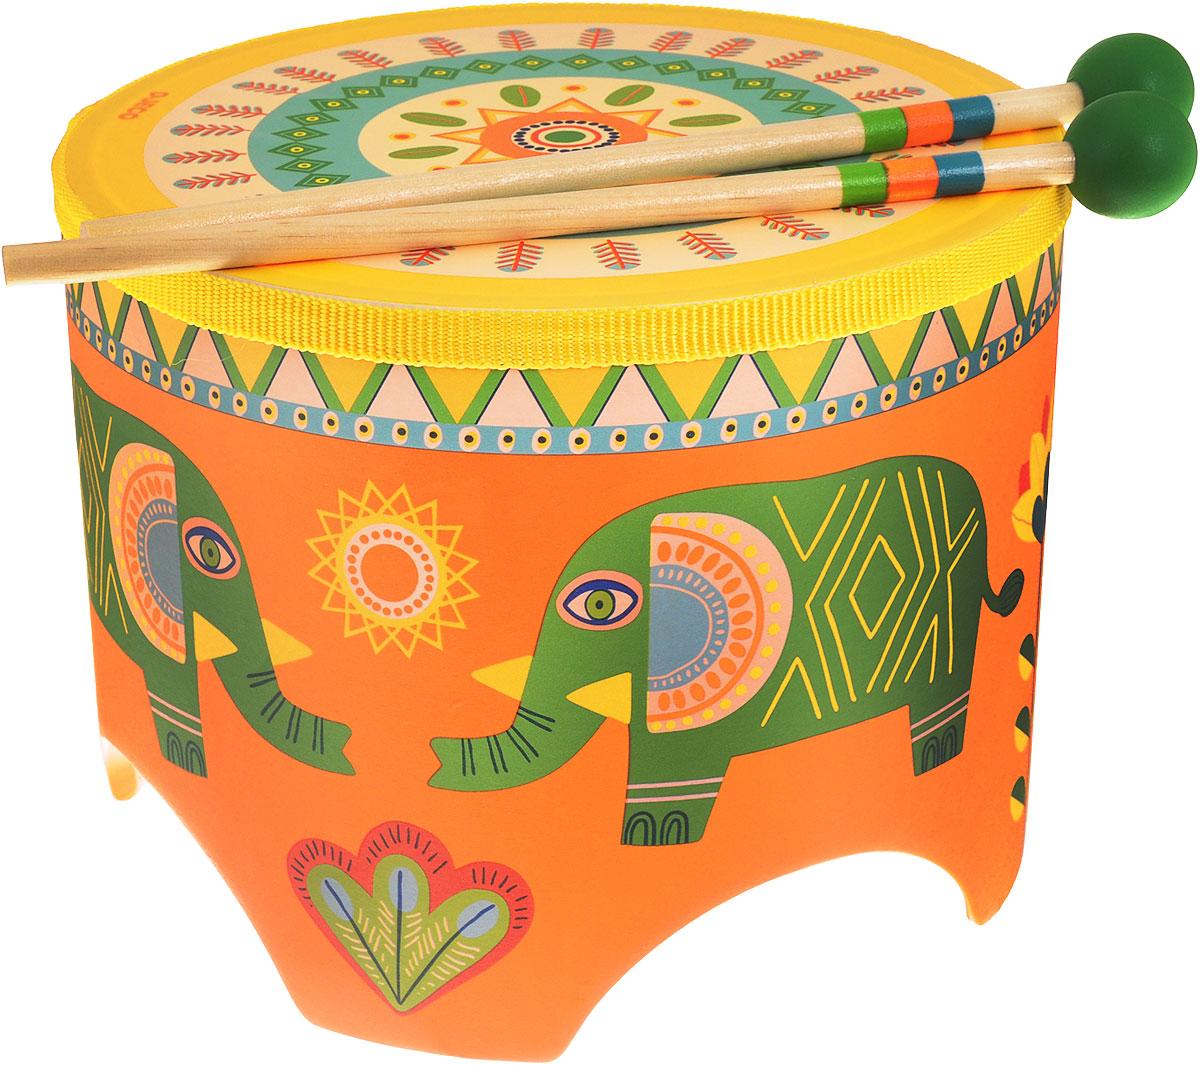 Djeco Барабан цвет оранжевый06003Музыкальный инструмент Djeco Барабан - великолепный музыкальный инструмент, с помощью которого ребенок будет развивать свои творческие и музыкальные способности. Барабан очень яркий и красочный. На его корпусе изображены милые слонята зеленого цвета, а также различные цветы и узоры. В комплект также входят 2 деревянные палочки, с помощью которых ребенок будет создавать различные звуки и мелодии. Игра на детских музыкальных инструментах прекрасно развивает музыкальный слух, творческие способности малыша, координацию движений и детскую моторику. Набор изготовлен из безопасных высококачественных материалов.